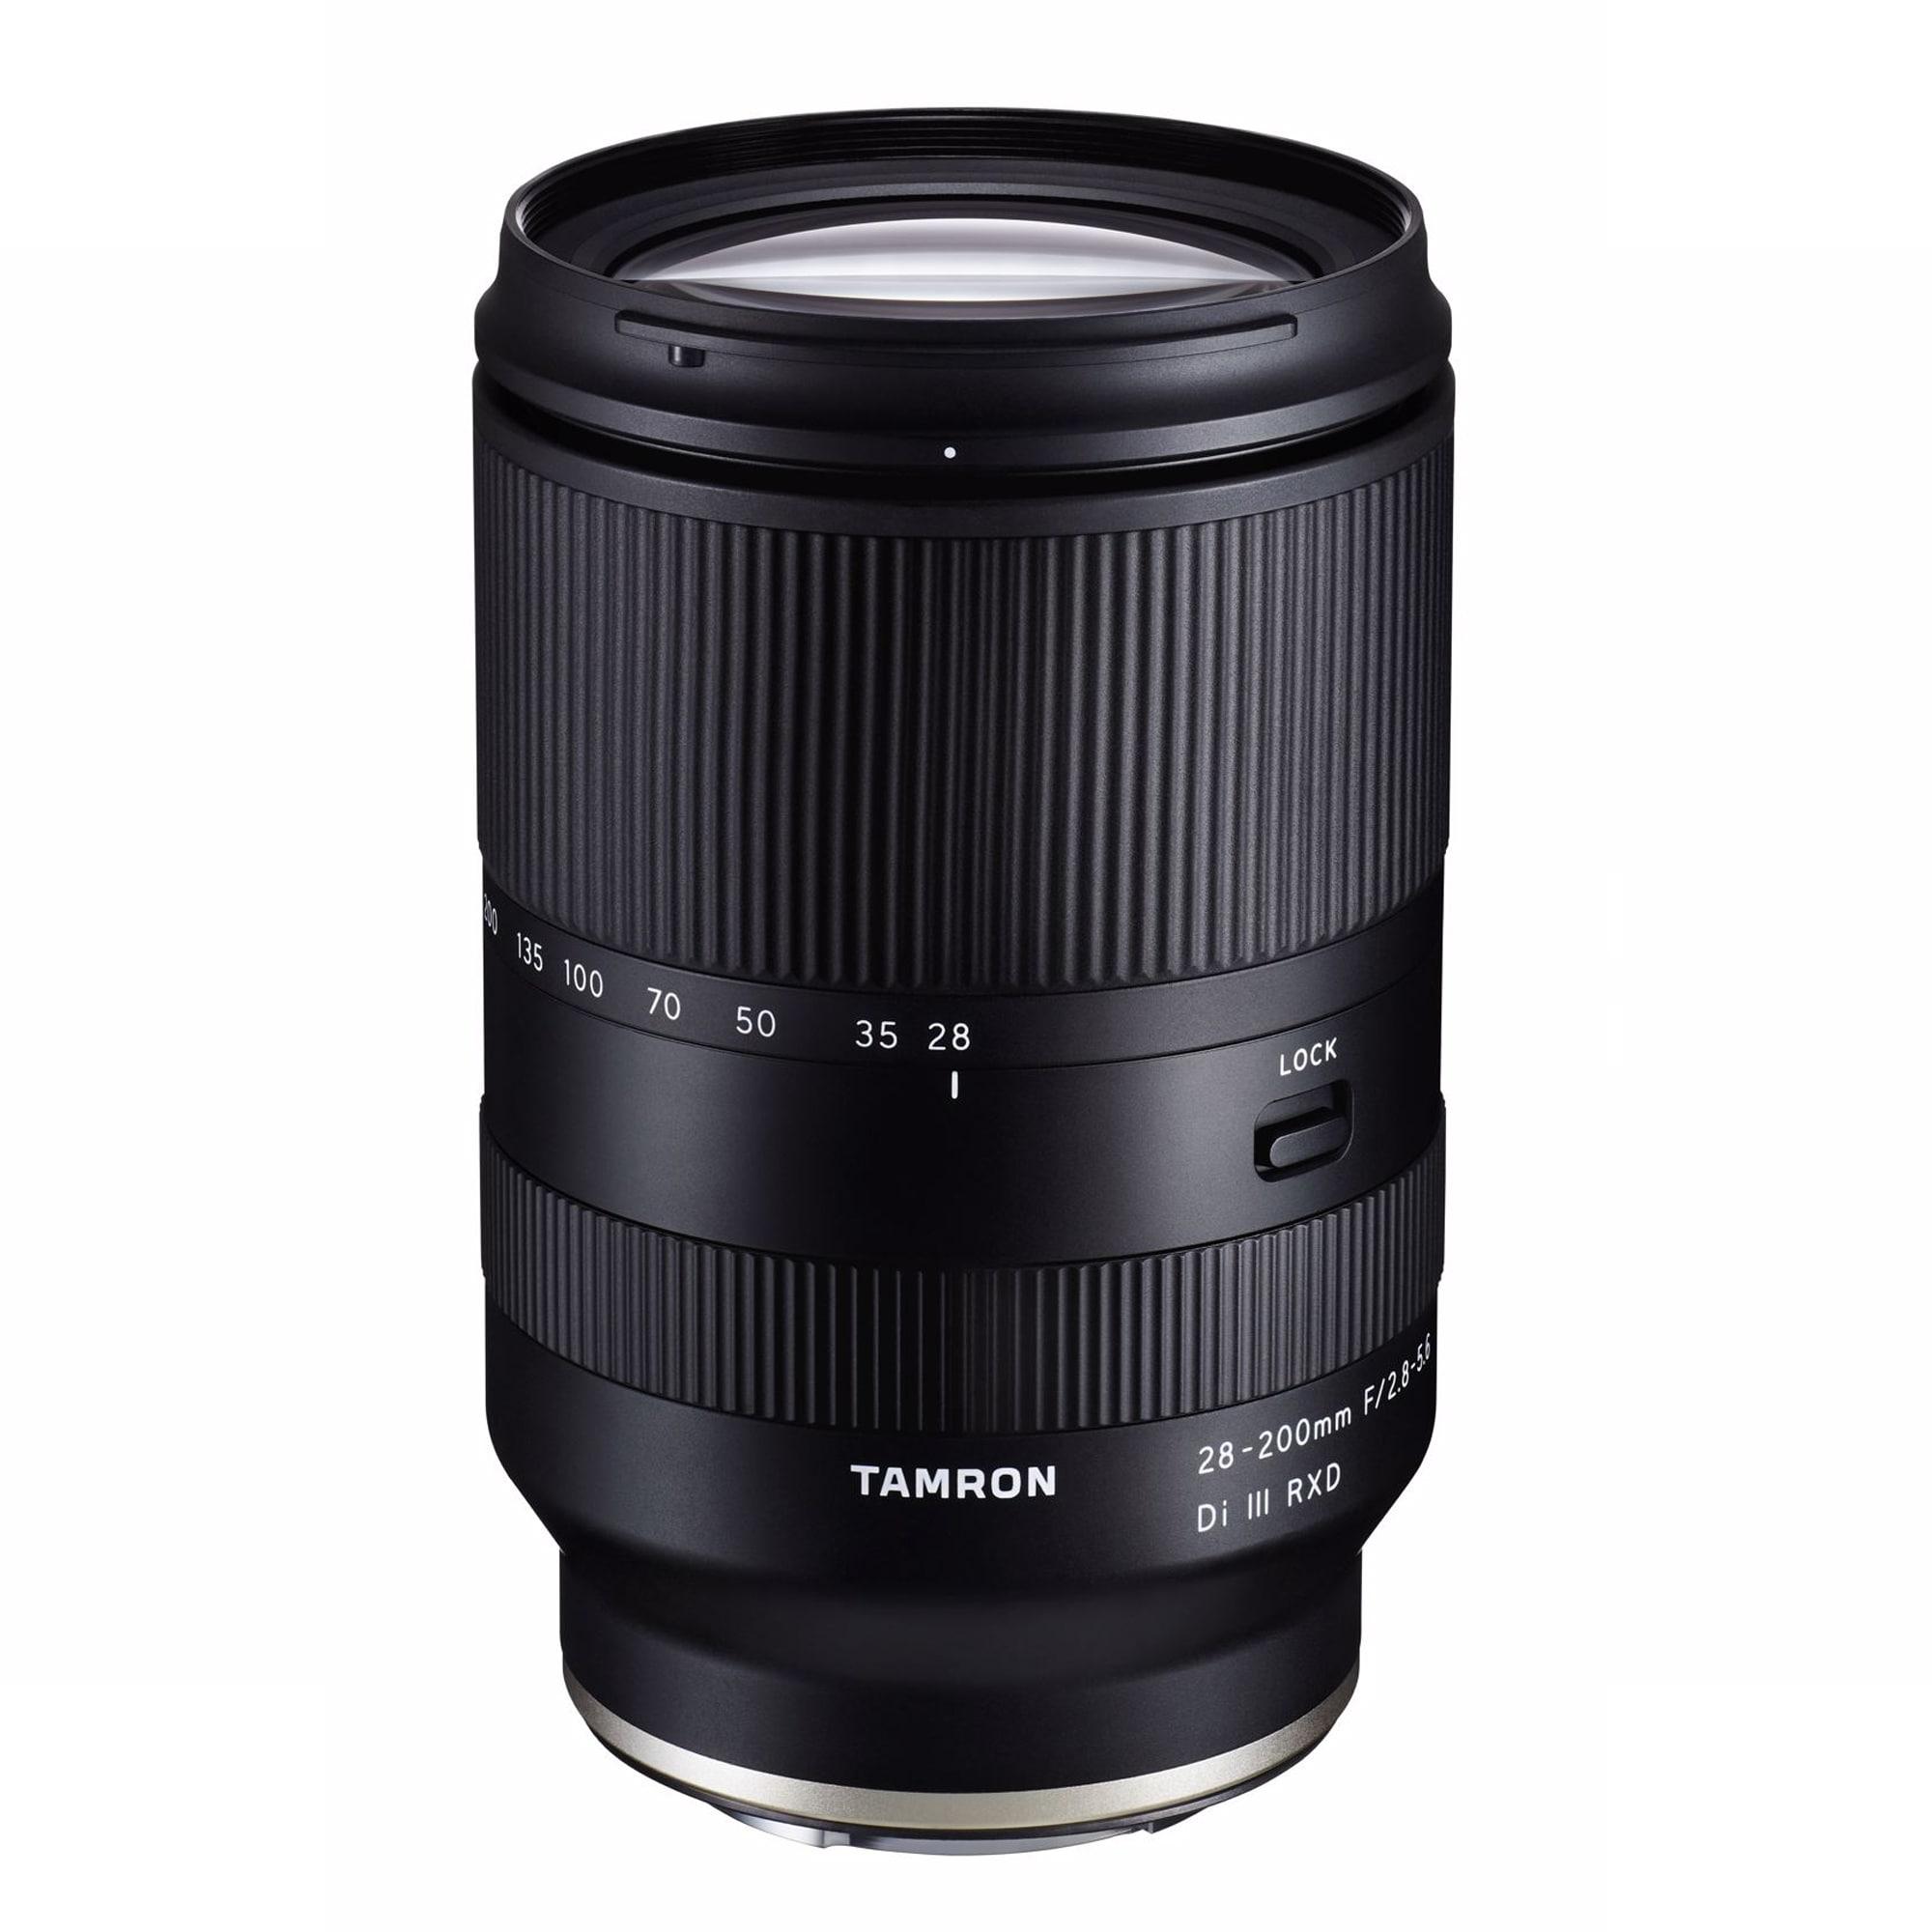 Tamron 28-200MM F/2.8-5.6 DI III RXD